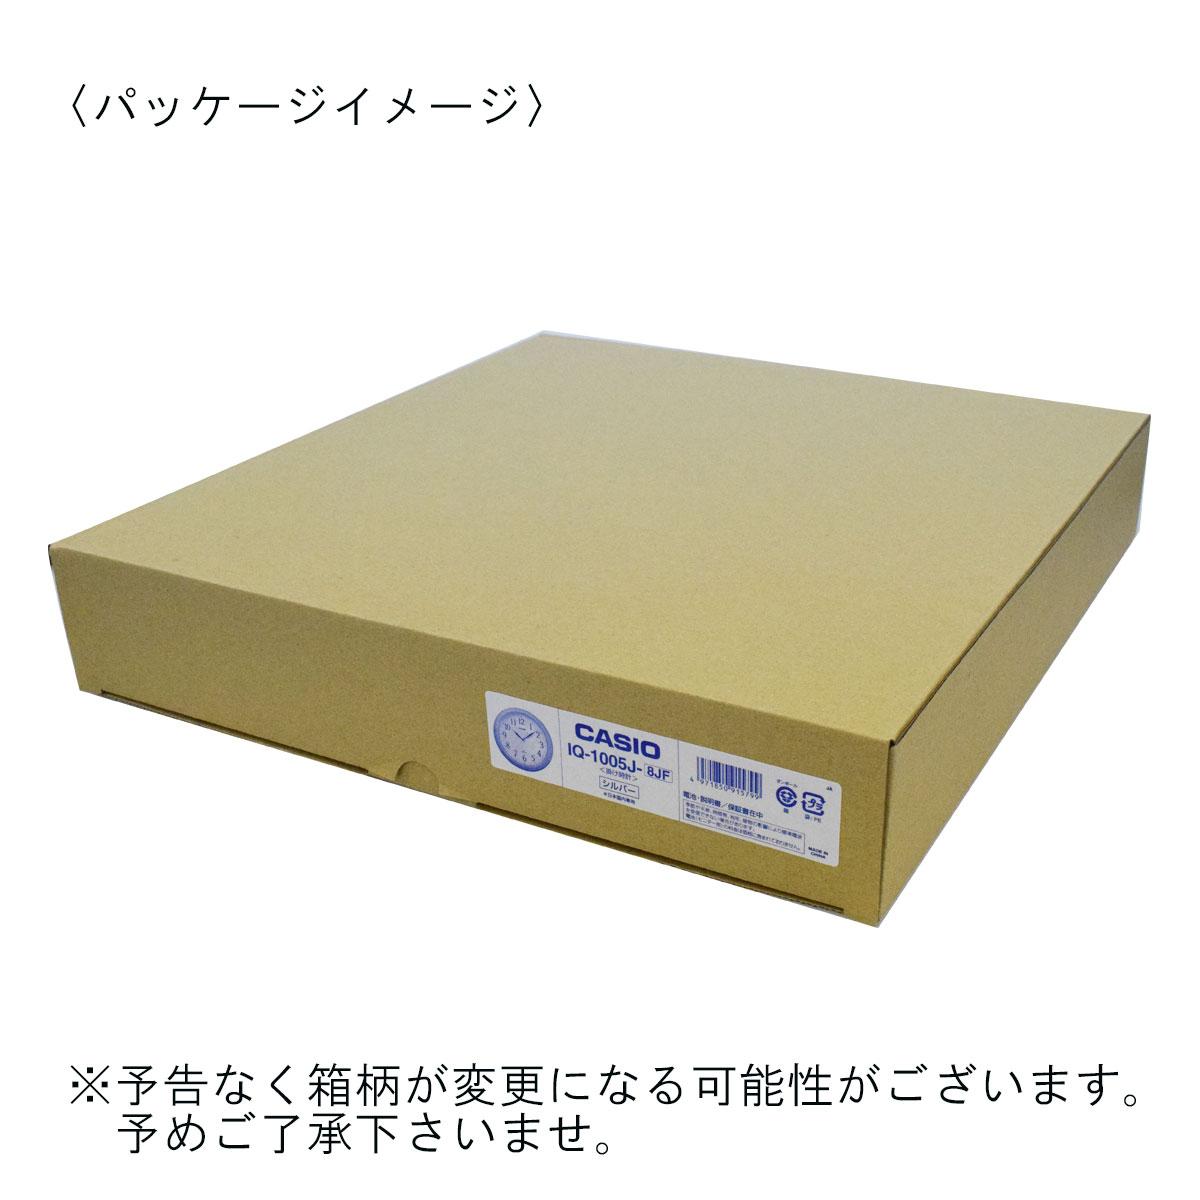 カシオ スタンダード電波掛時計 IQ-1005J-8JF